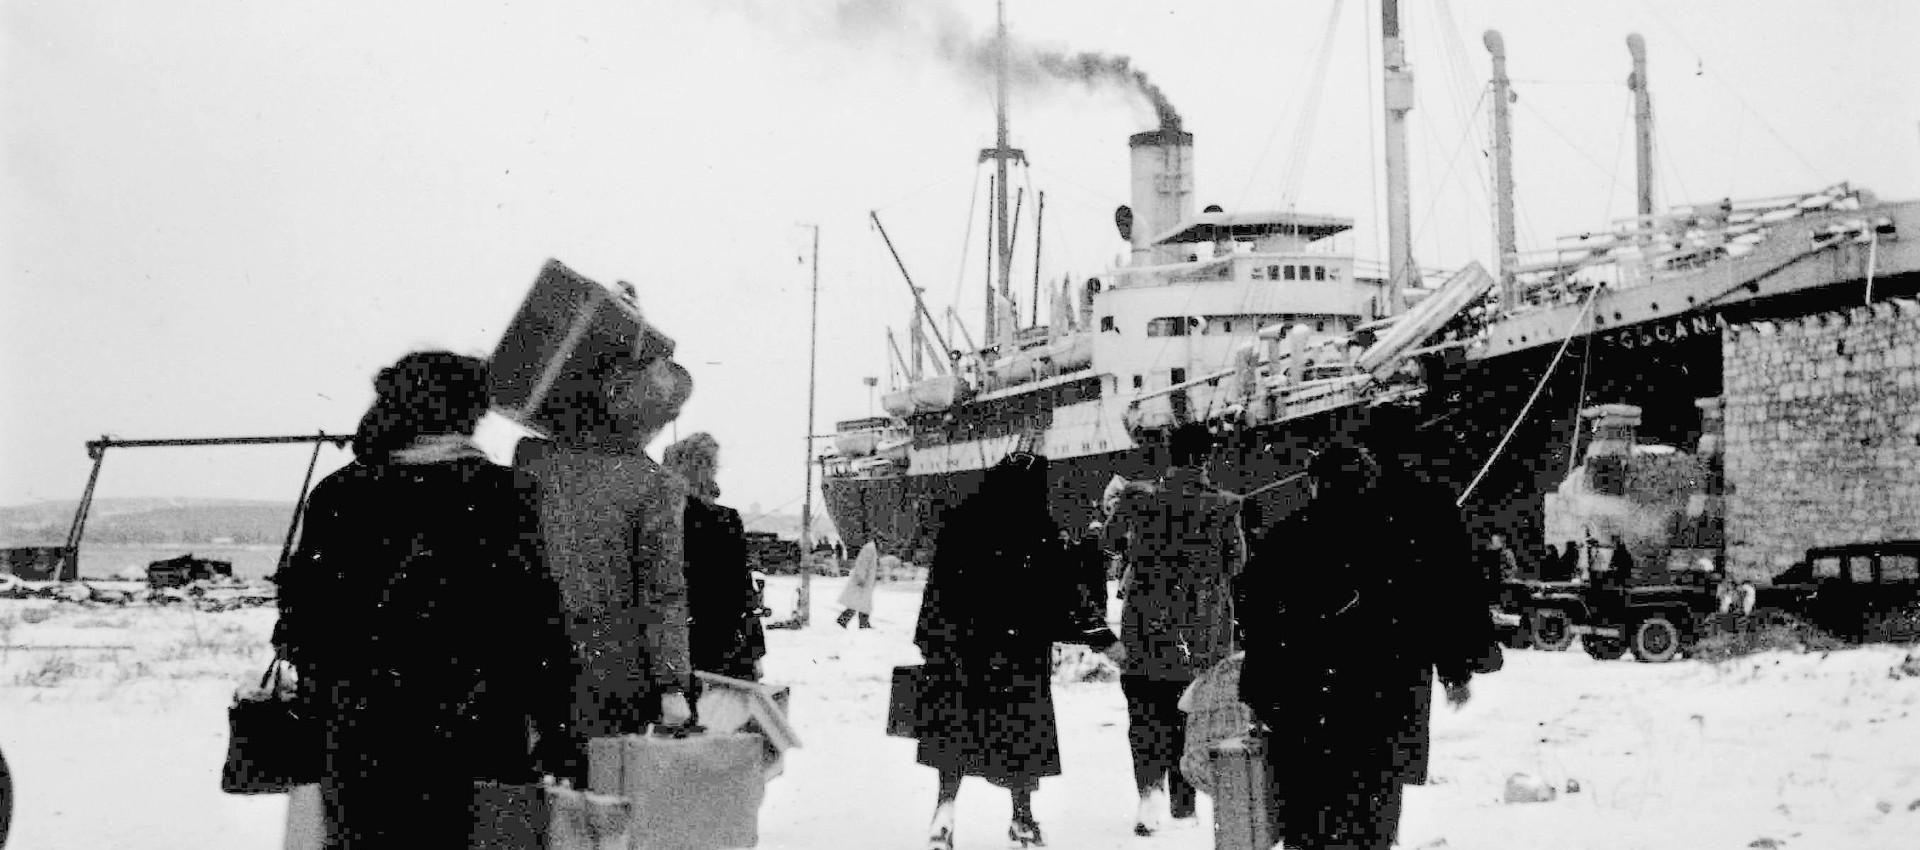 La nave Toscana durante l'abbandono di Pola - Wikipedia